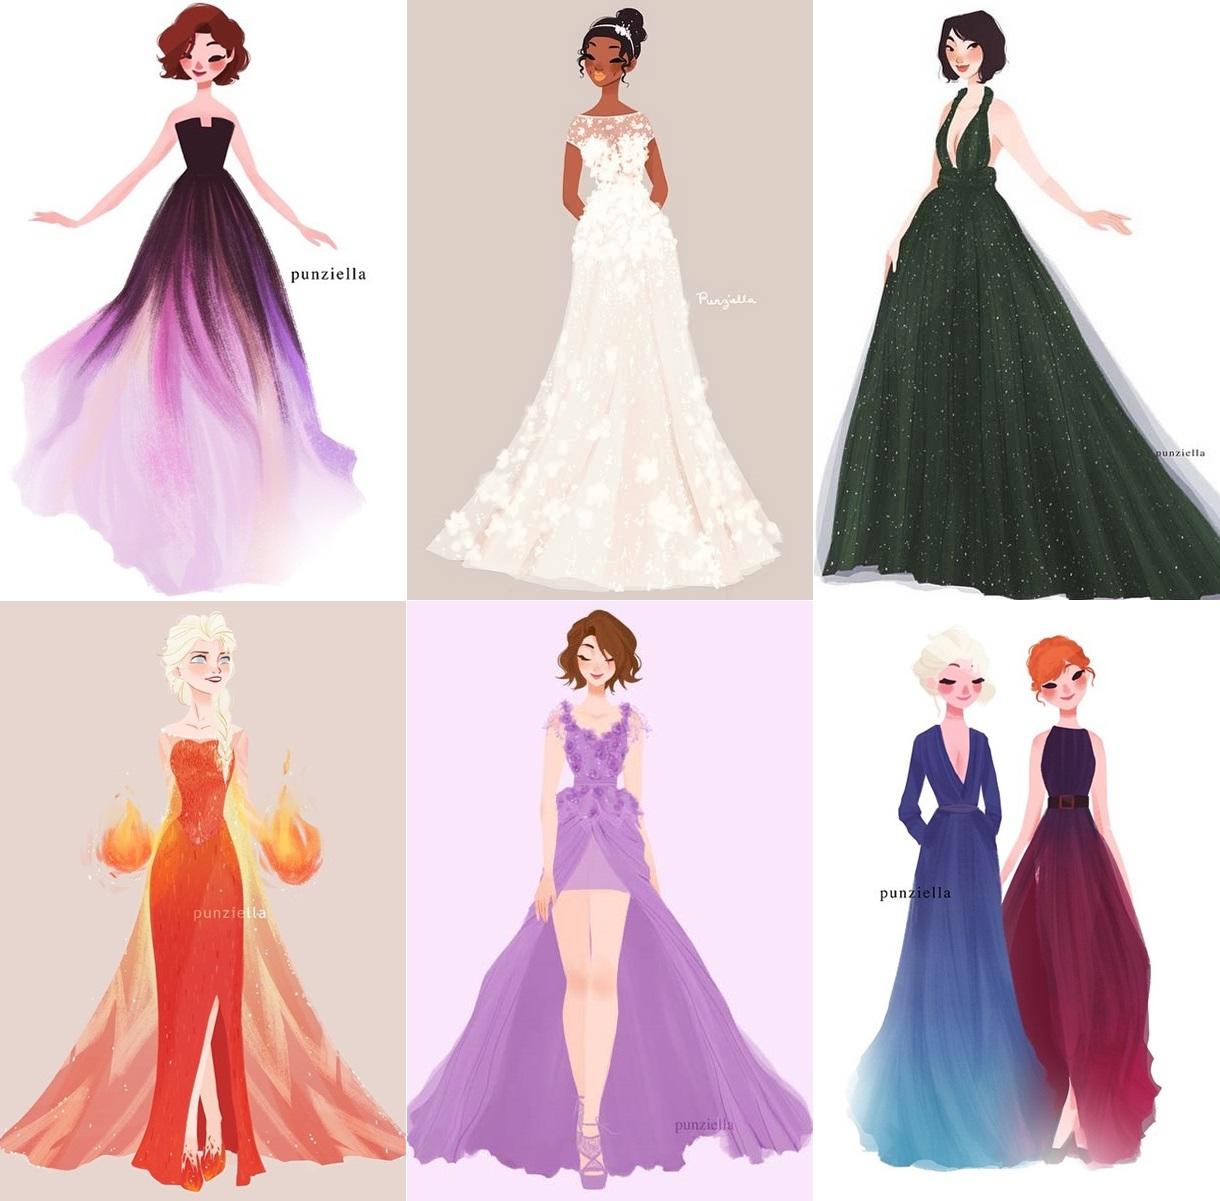 ilustração-disney-princesas-0